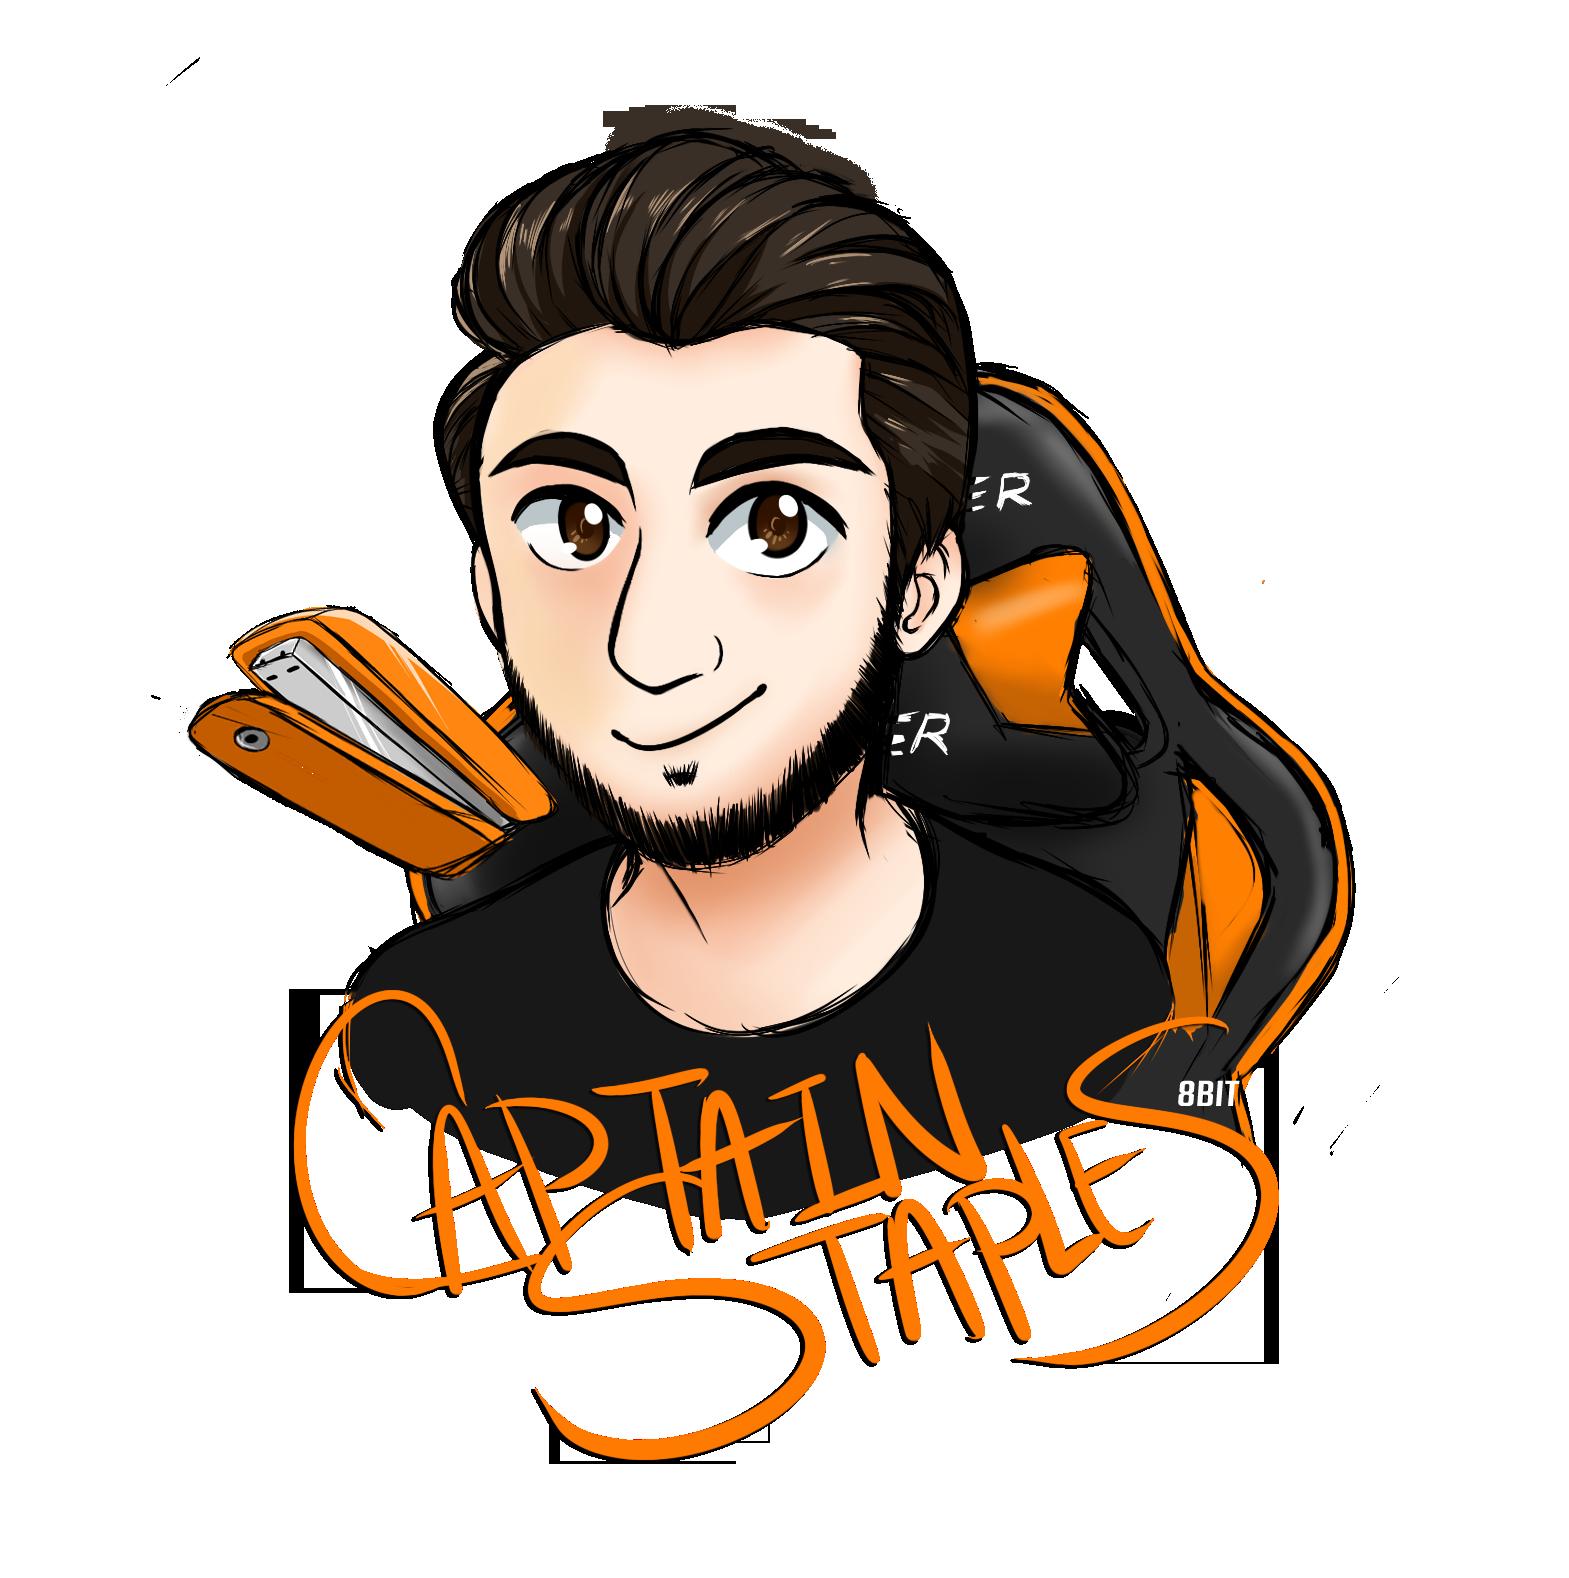 CaptainStaples Doodle